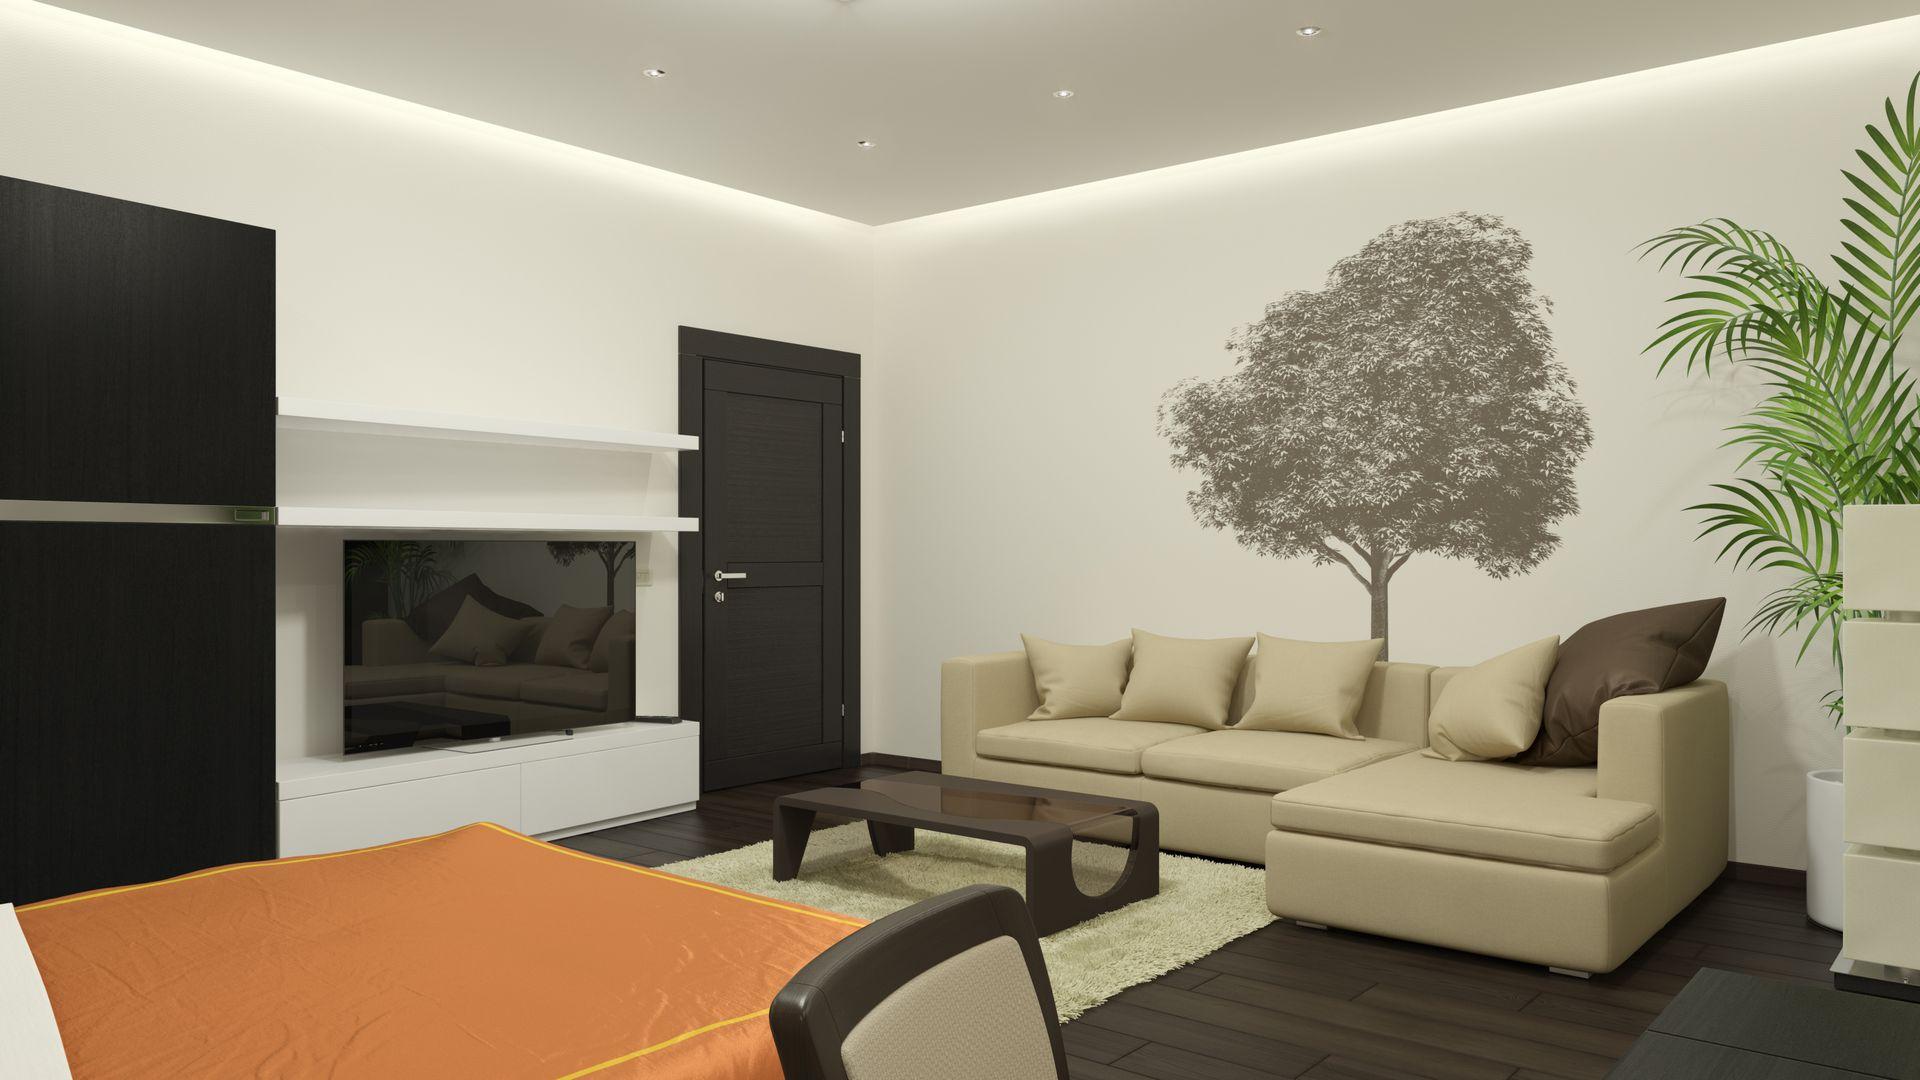 Indirekte Akzentbeleuchtung Wohnzimmer